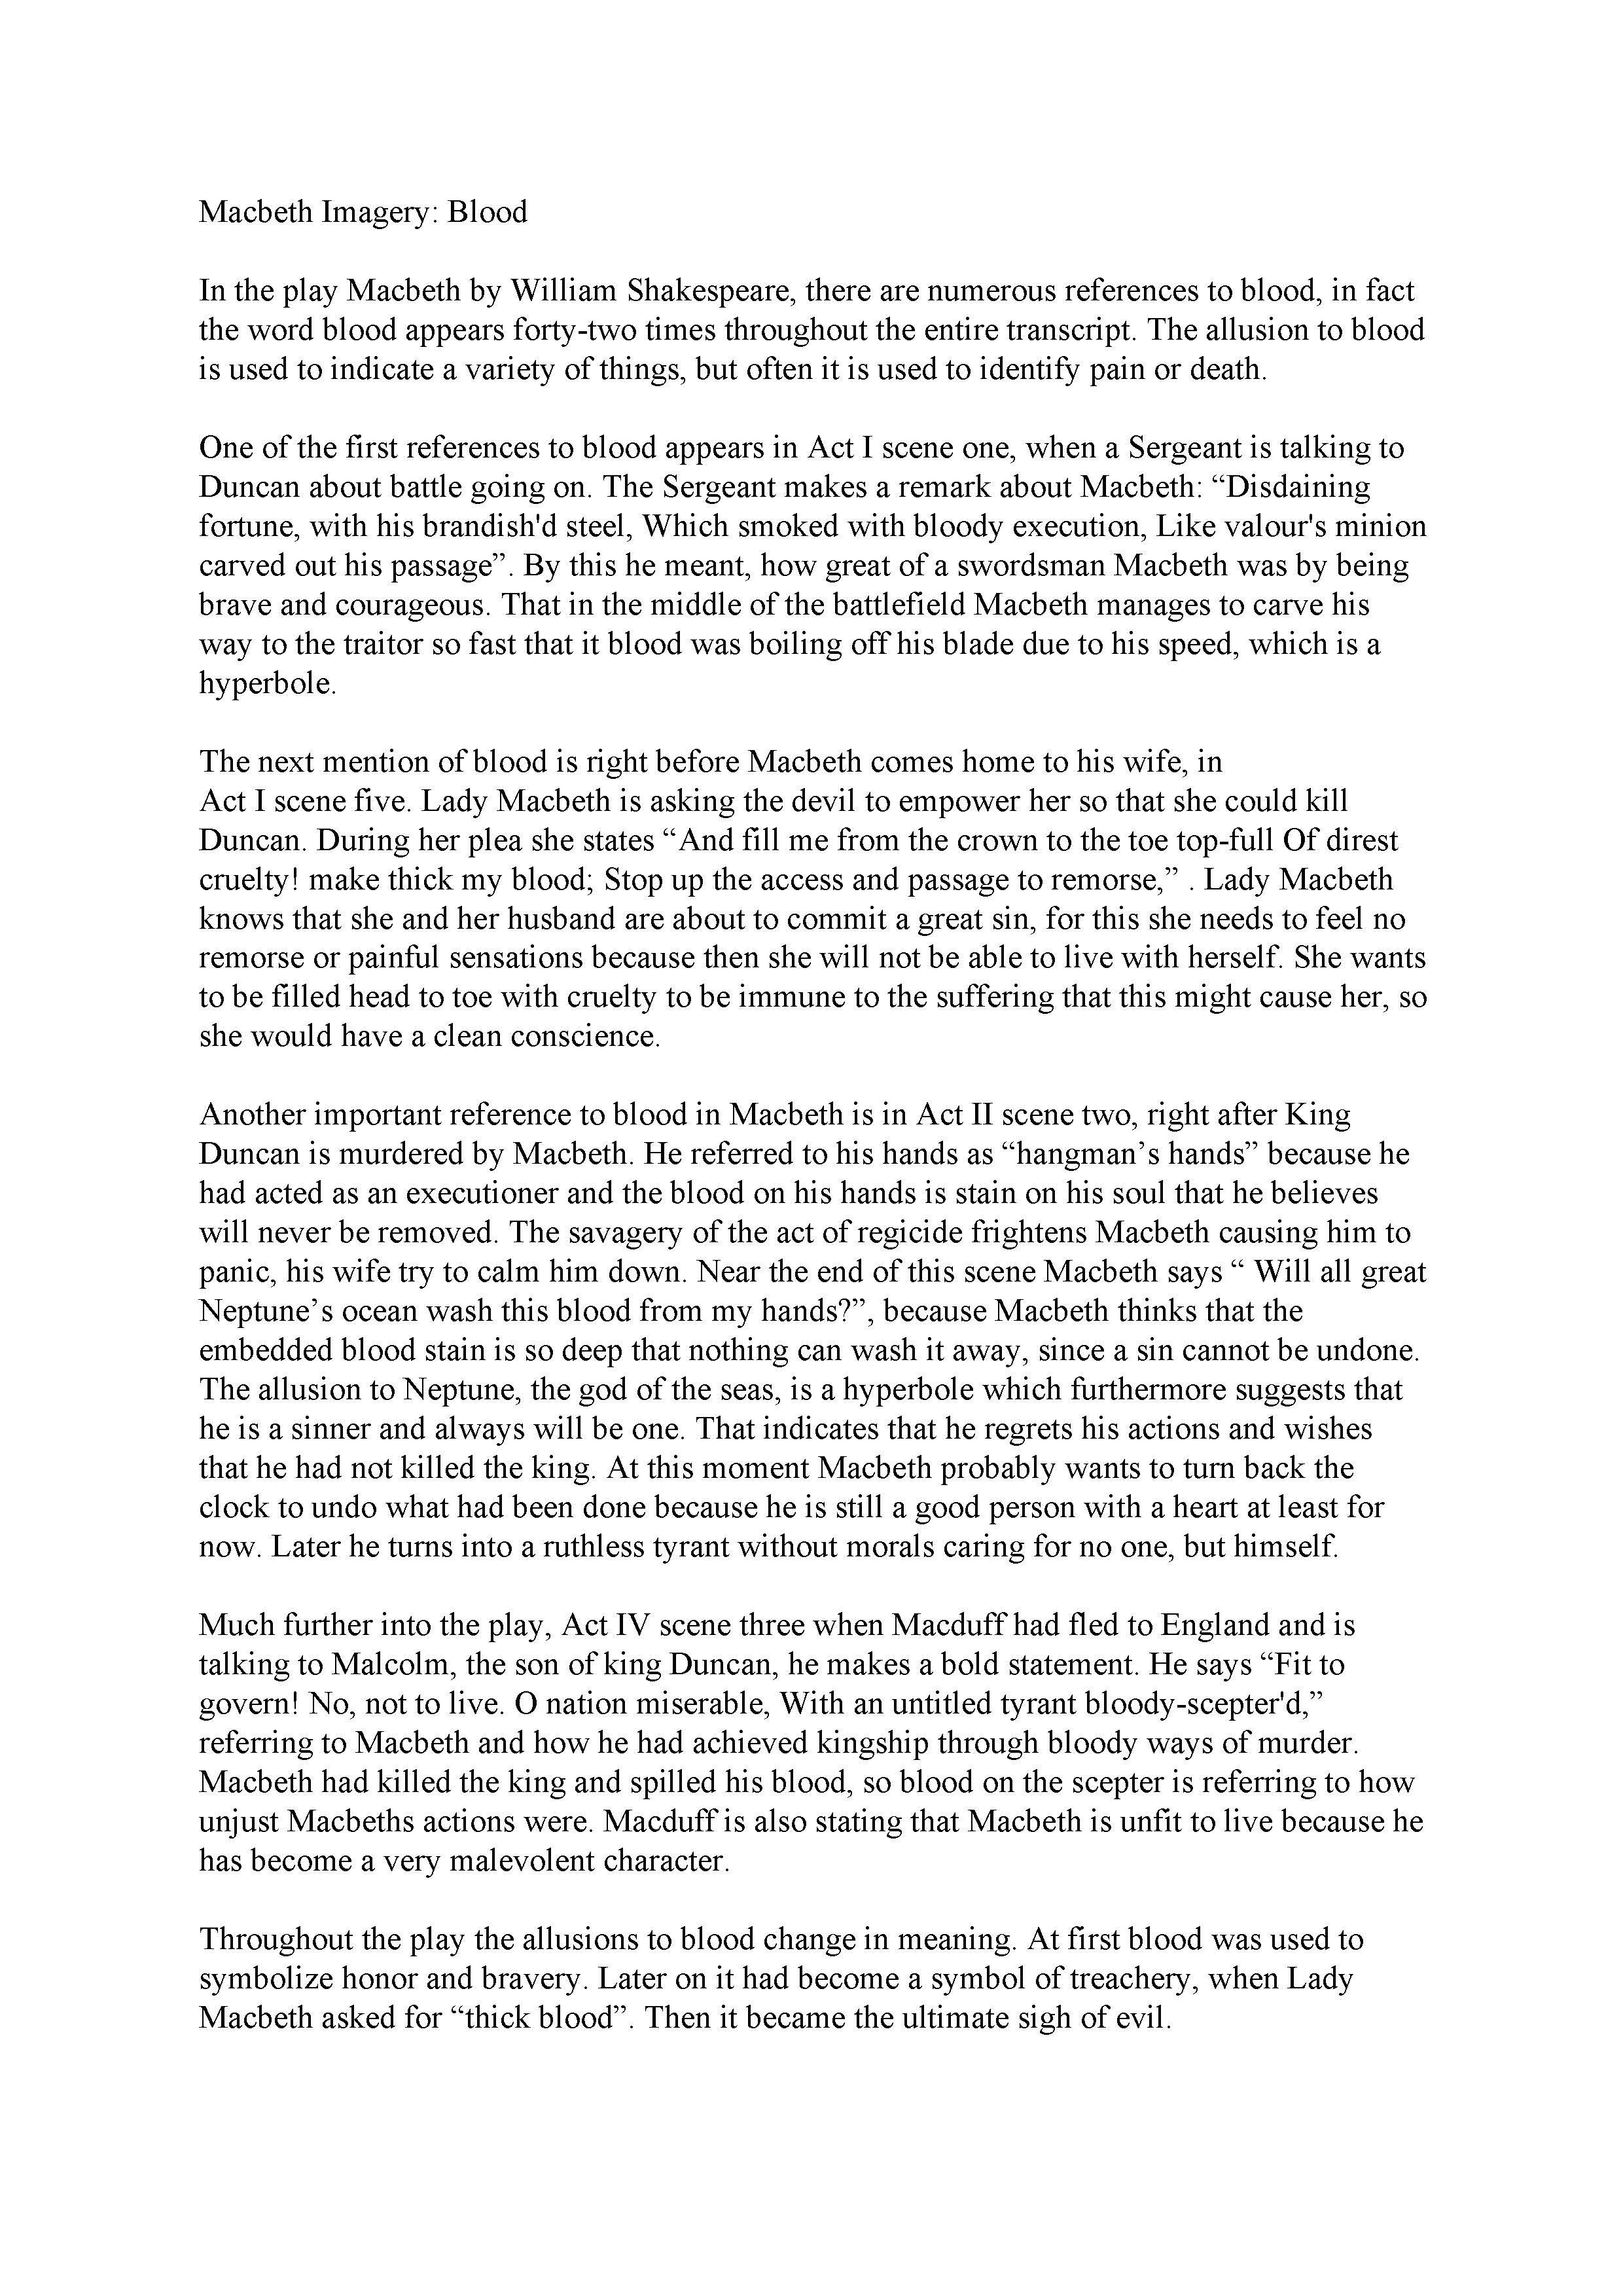 009 Macbeth Essay Sample Rutgers Application Fantastic Topics Example Full